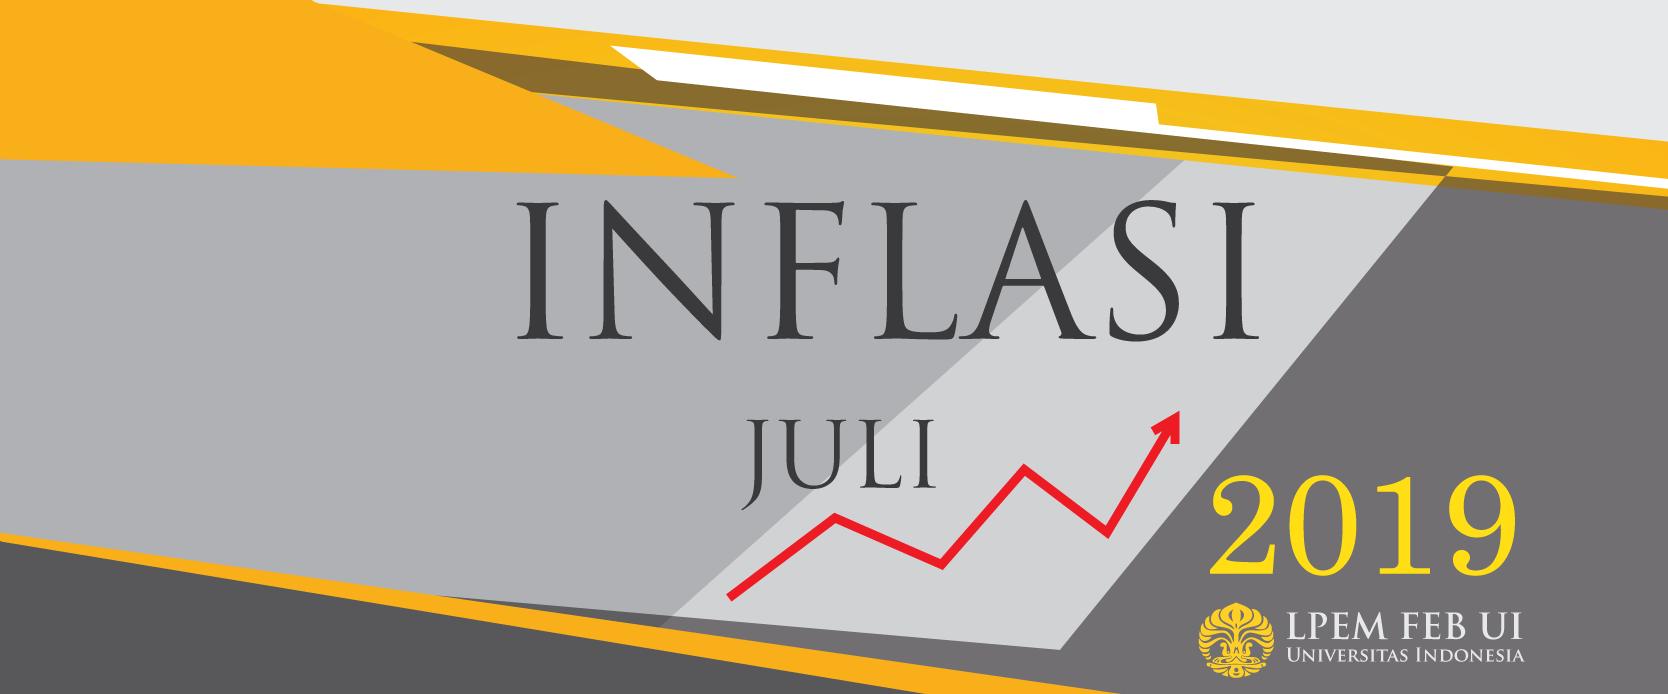 SERI ANALISIS MAKROEKONOMI: Inflasi Bulanan, Juli 2019